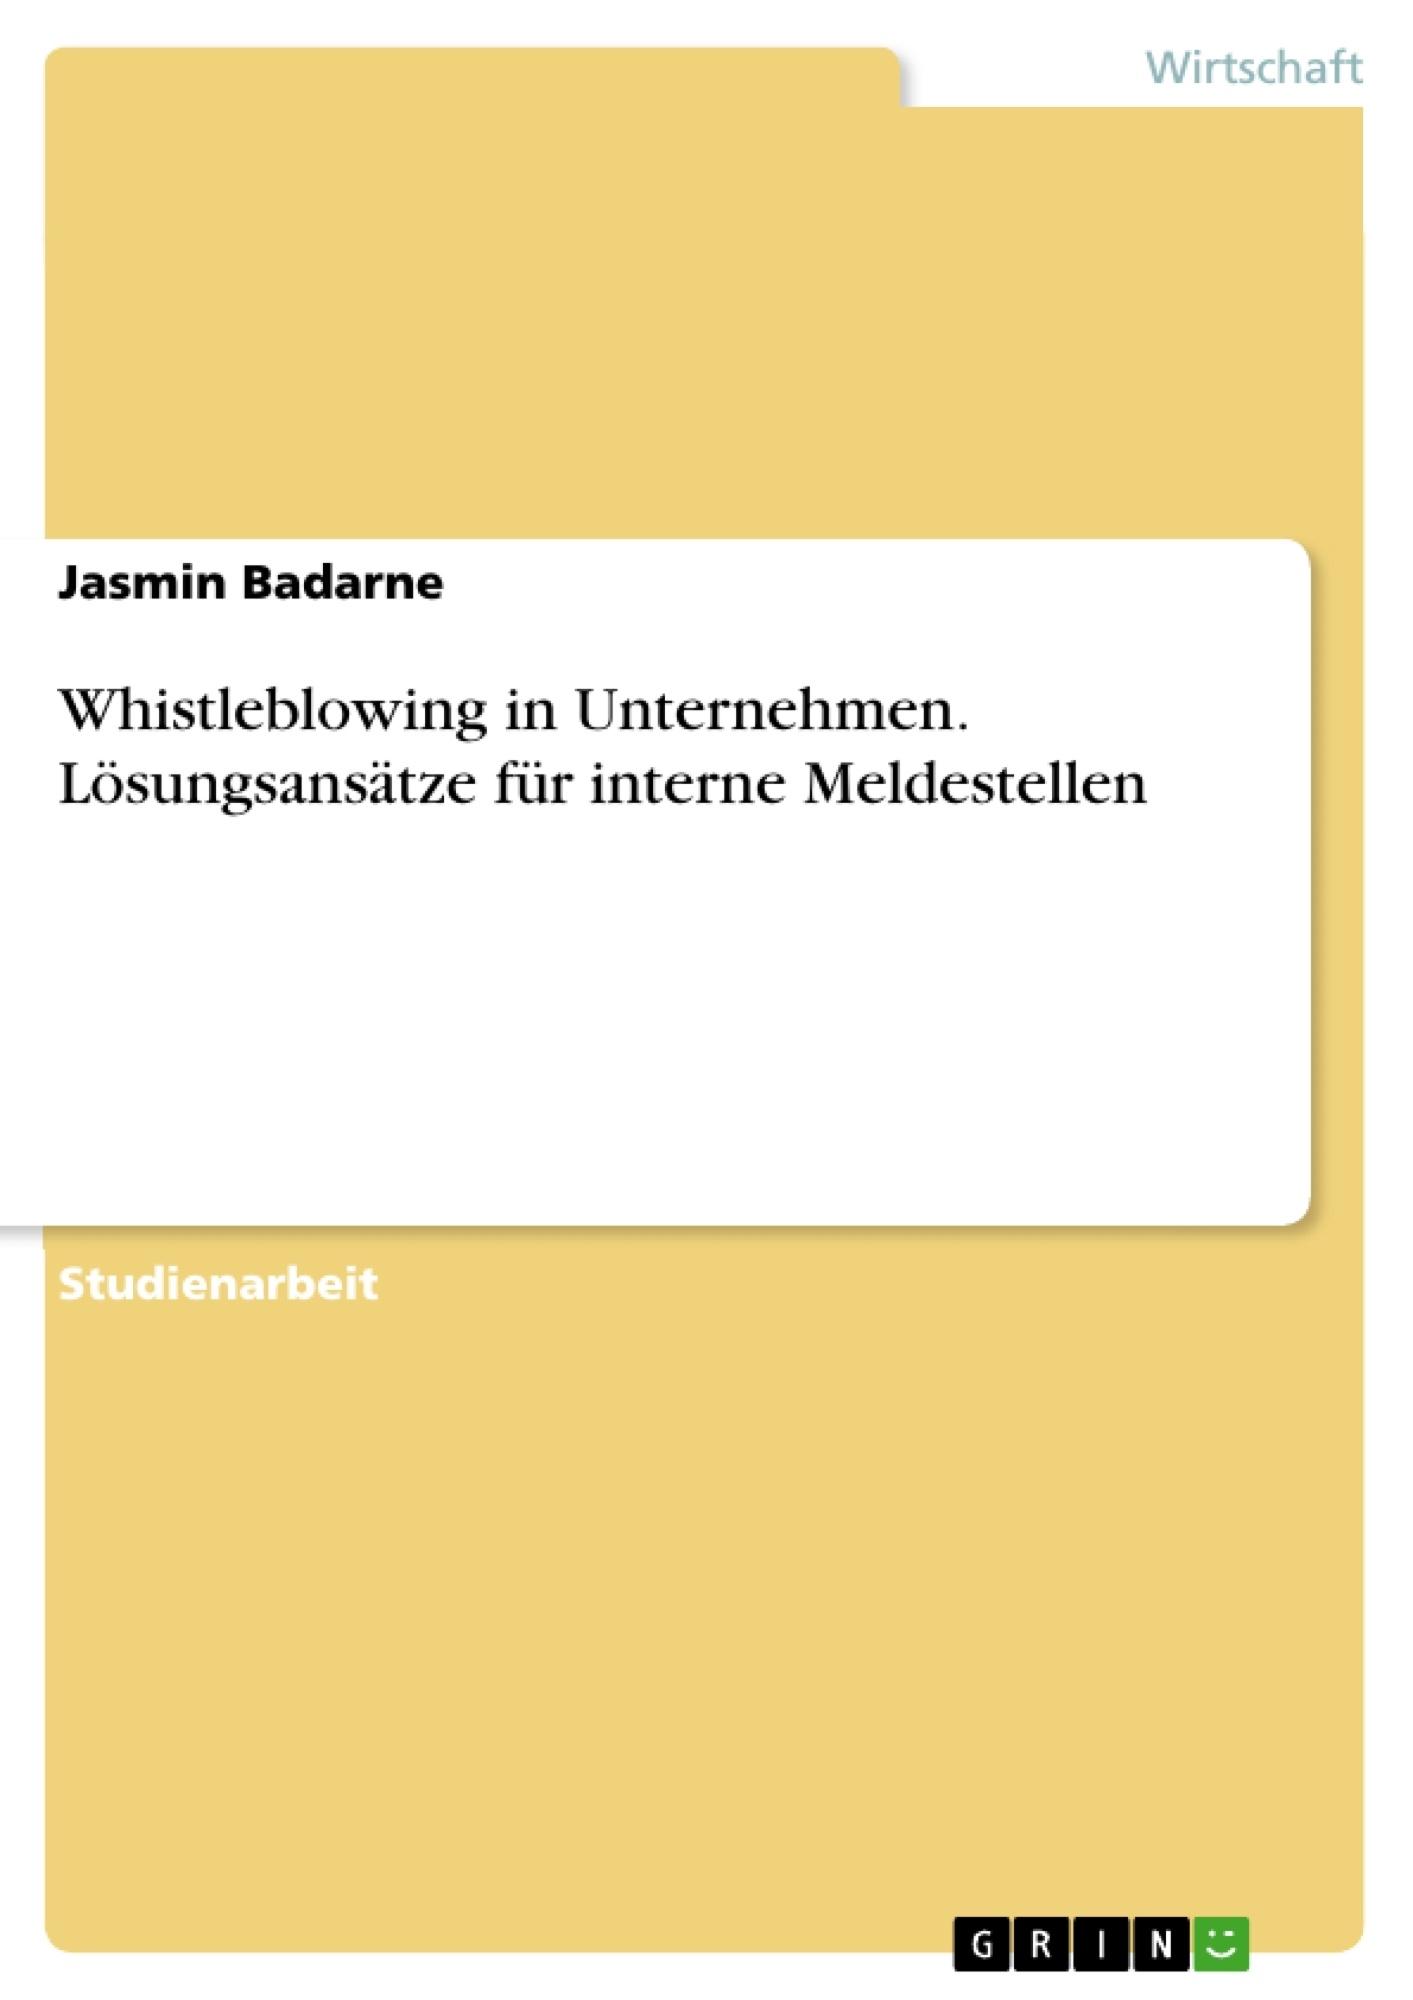 Titel: Whistleblowing in Unternehmen. Lösungsansätze für interne Meldestellen